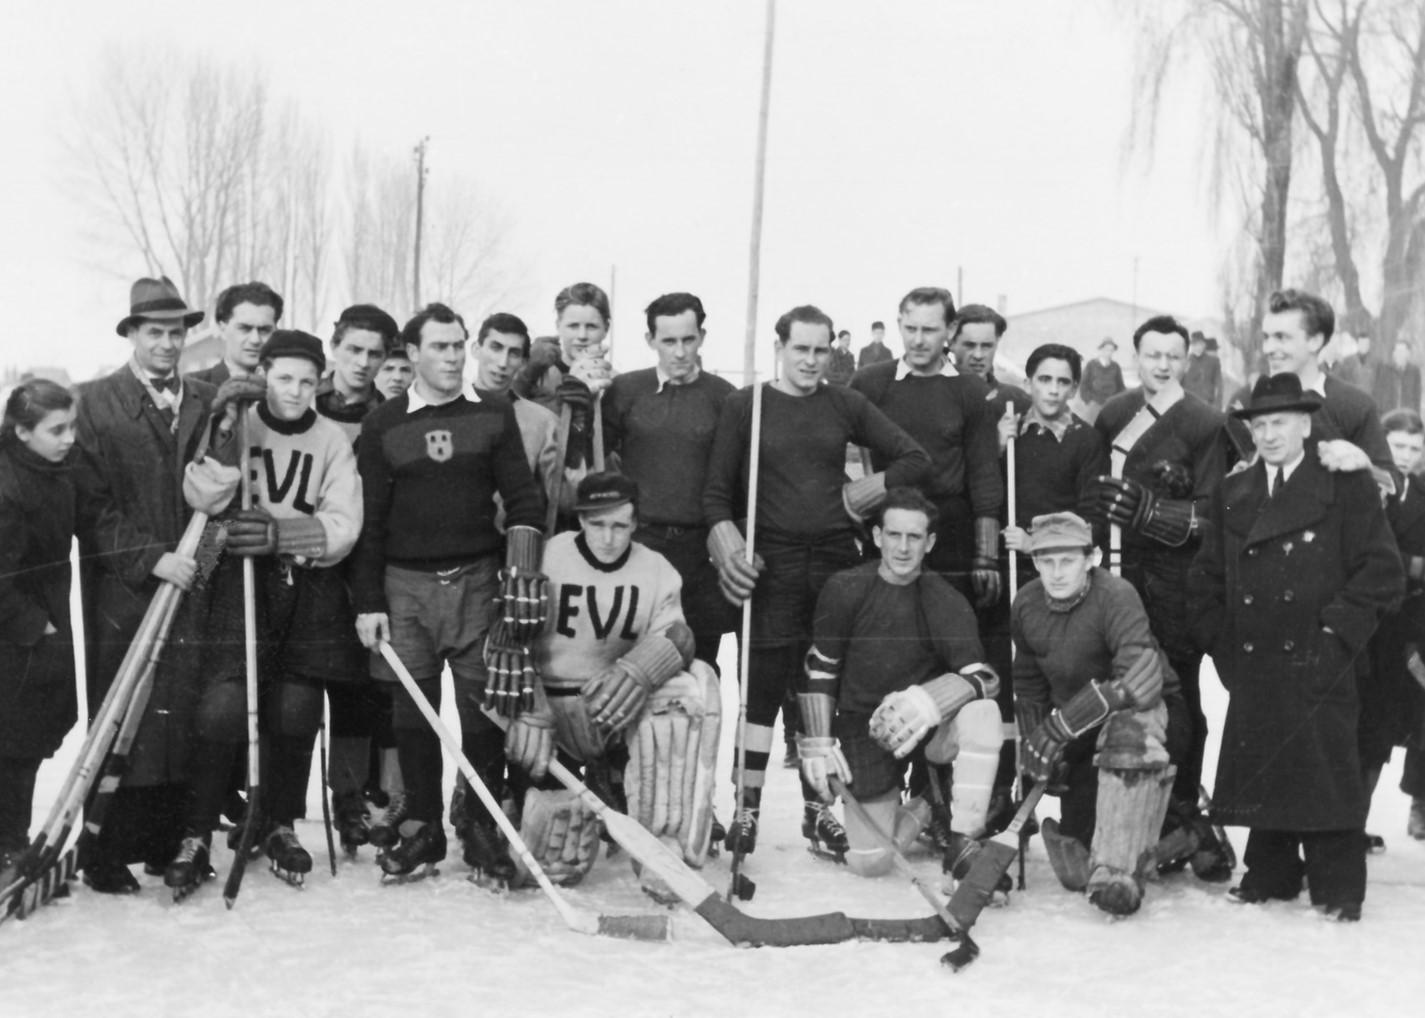 Gruppenfoto mit den Spielern von 1951